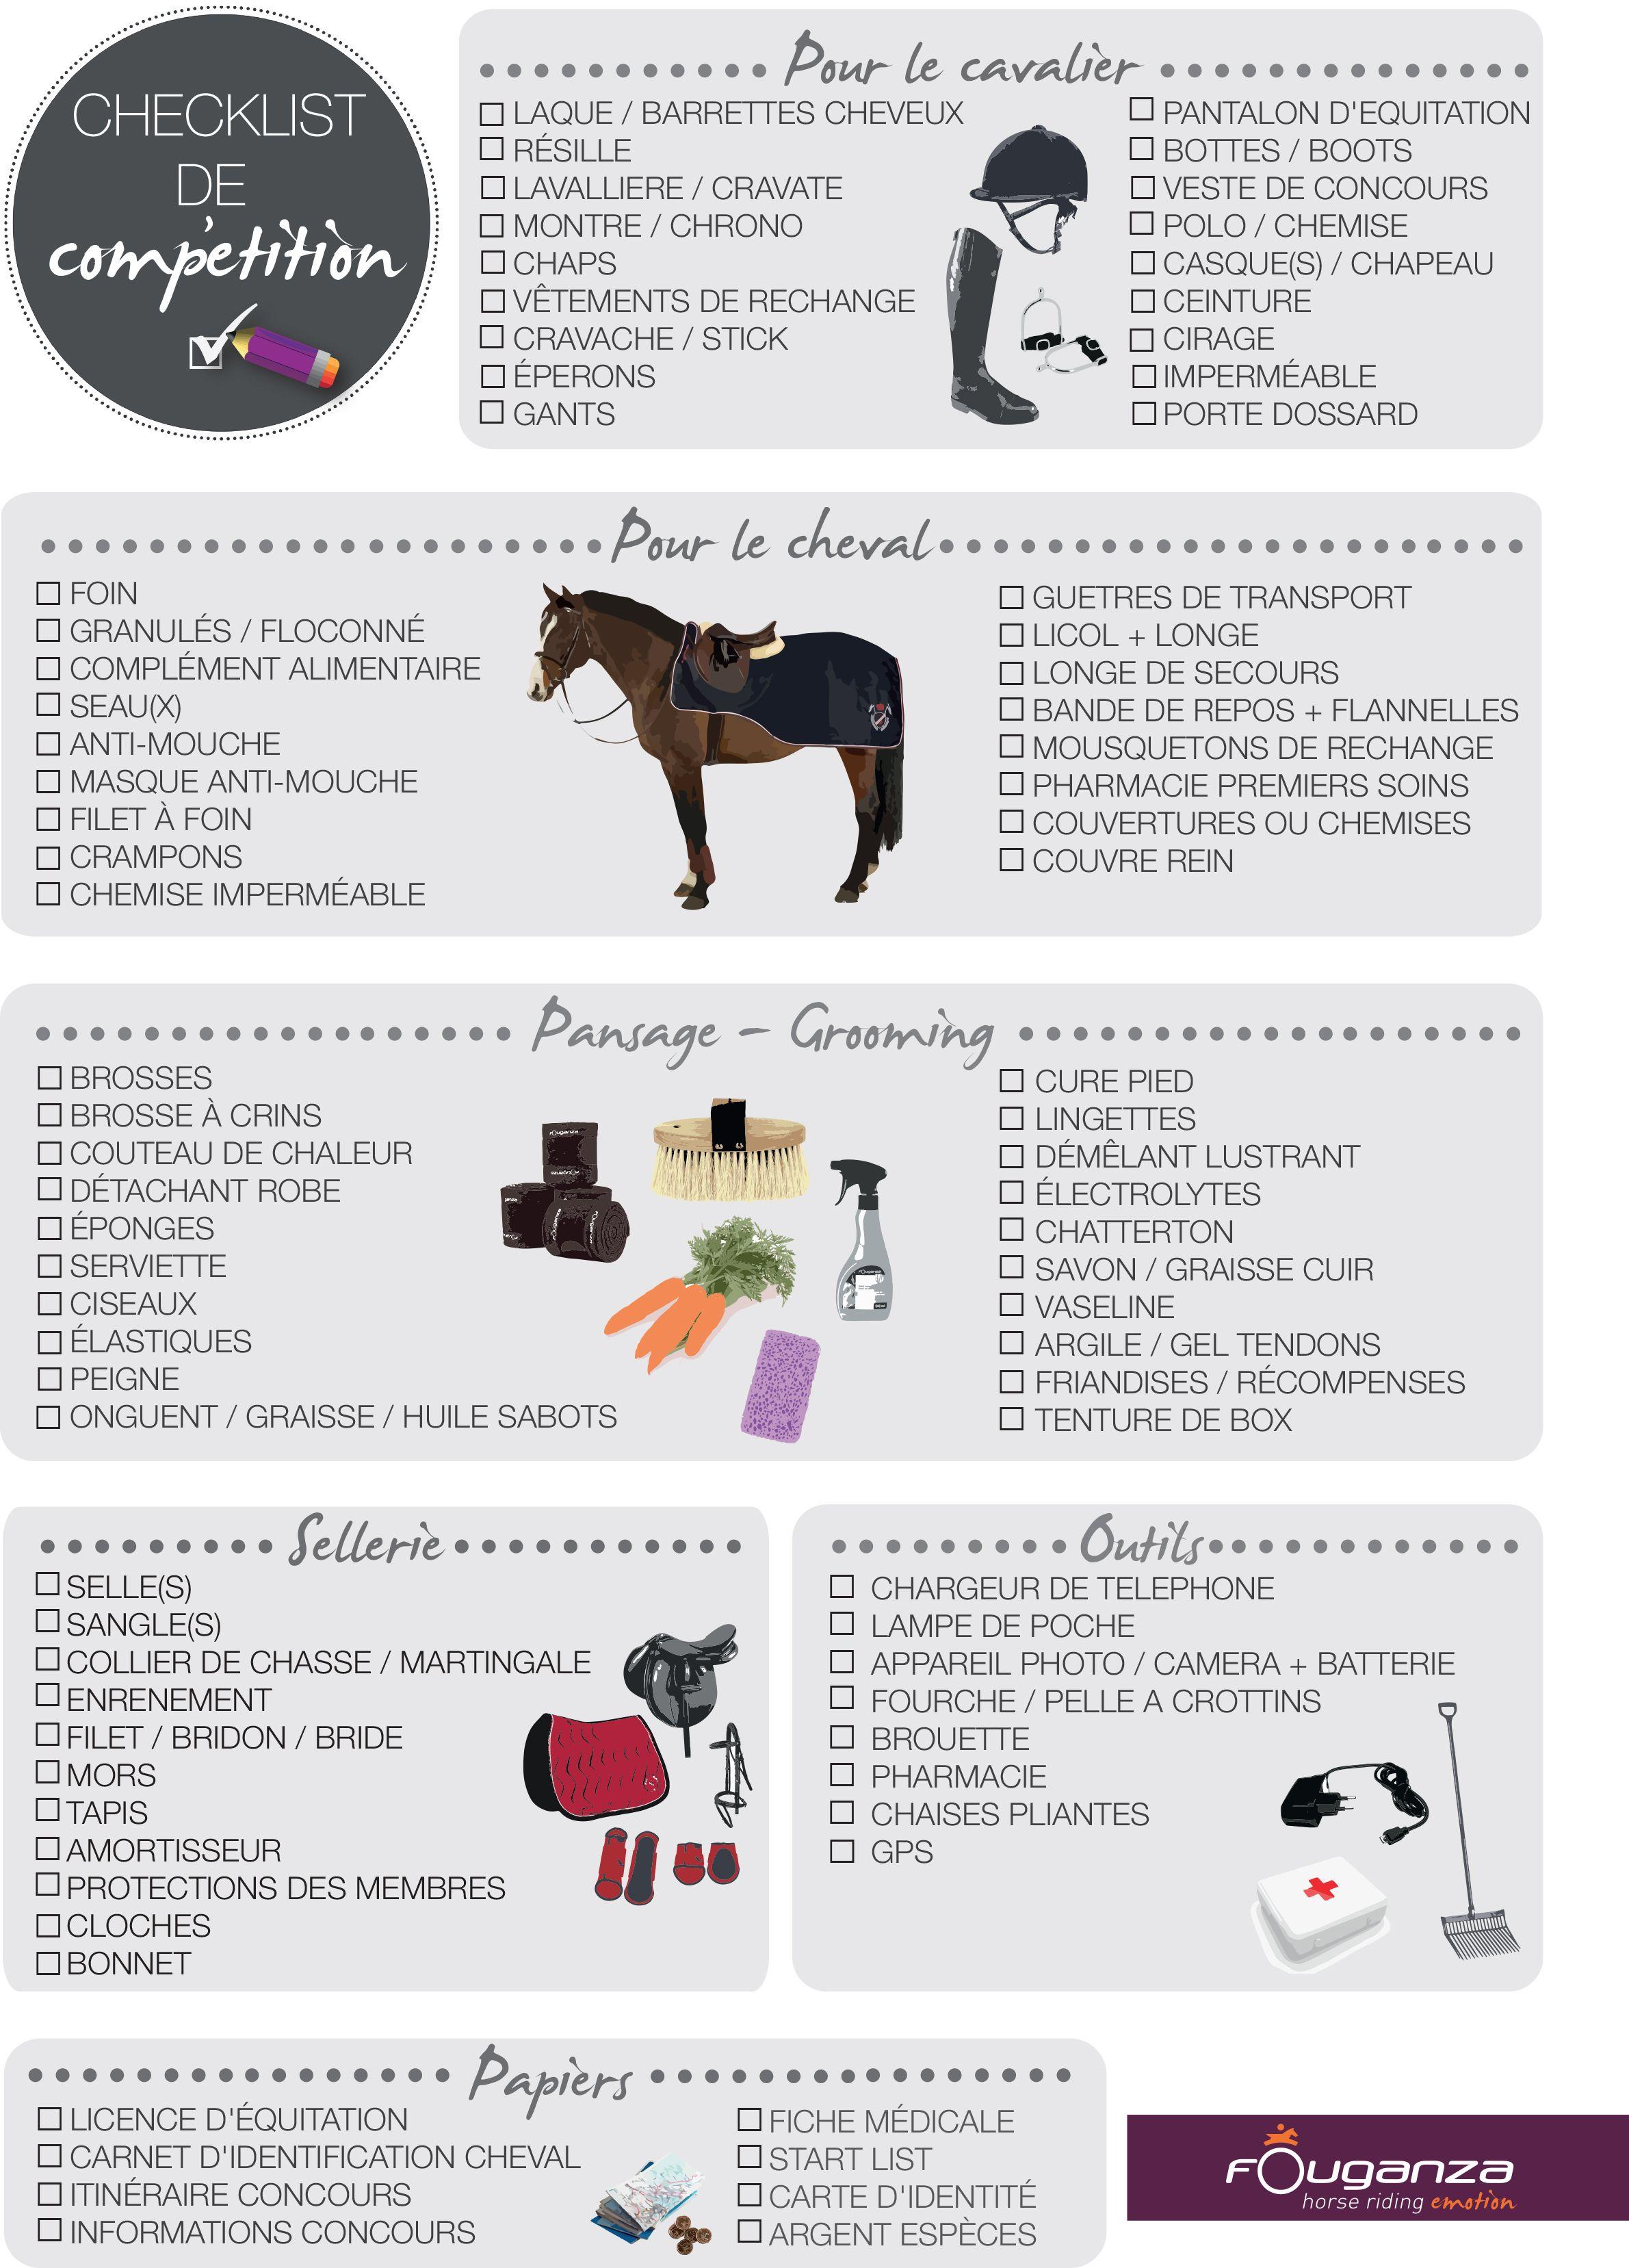 Checklist De Concours